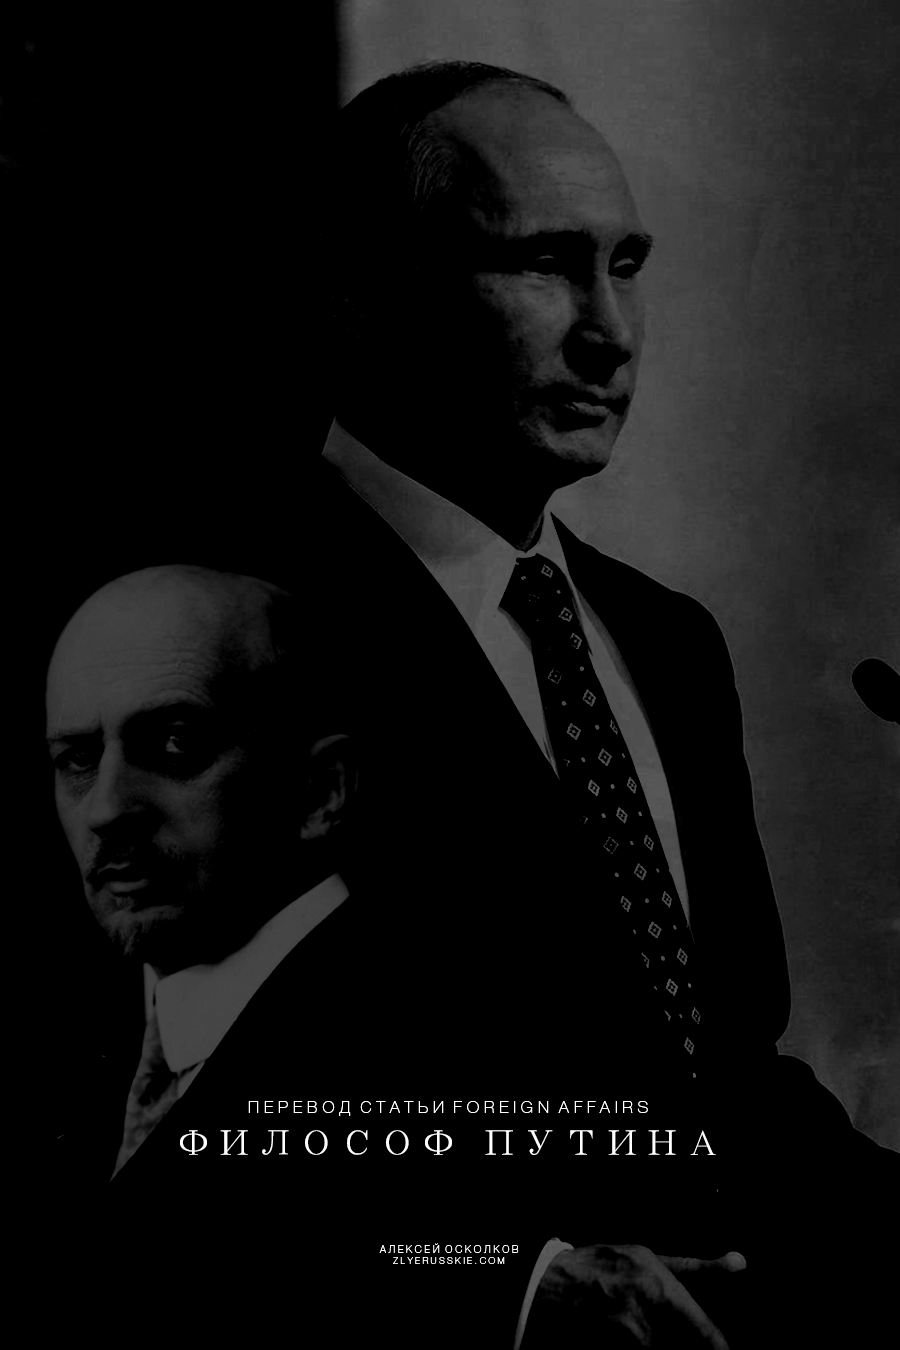 Философ Путина